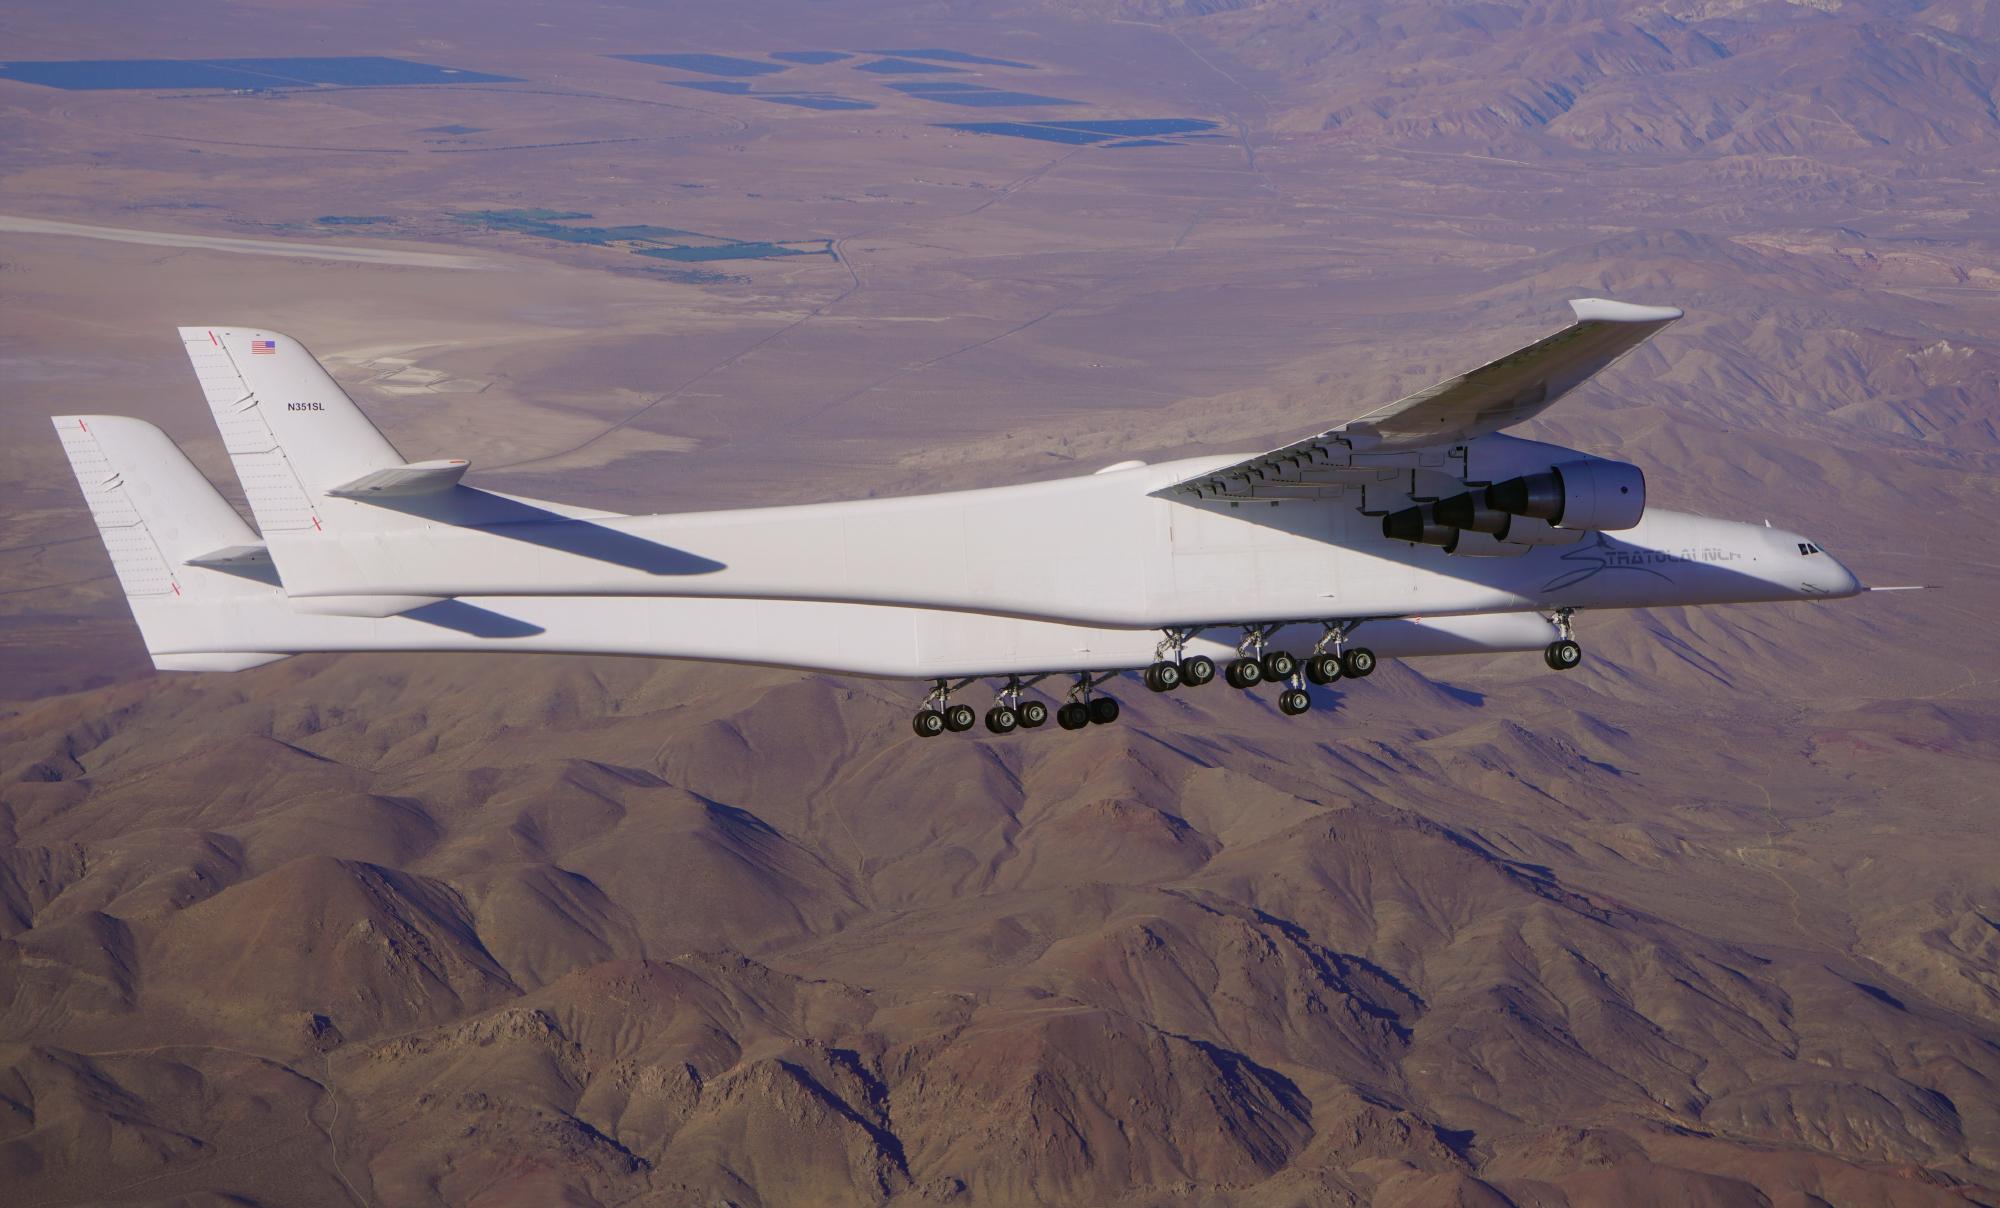 Roc, que Stratolaunch utilisera pour lancer des véhicules hypersoniques, est resté en l'air pendant plus de trois heures sur le vol du 29 avril.